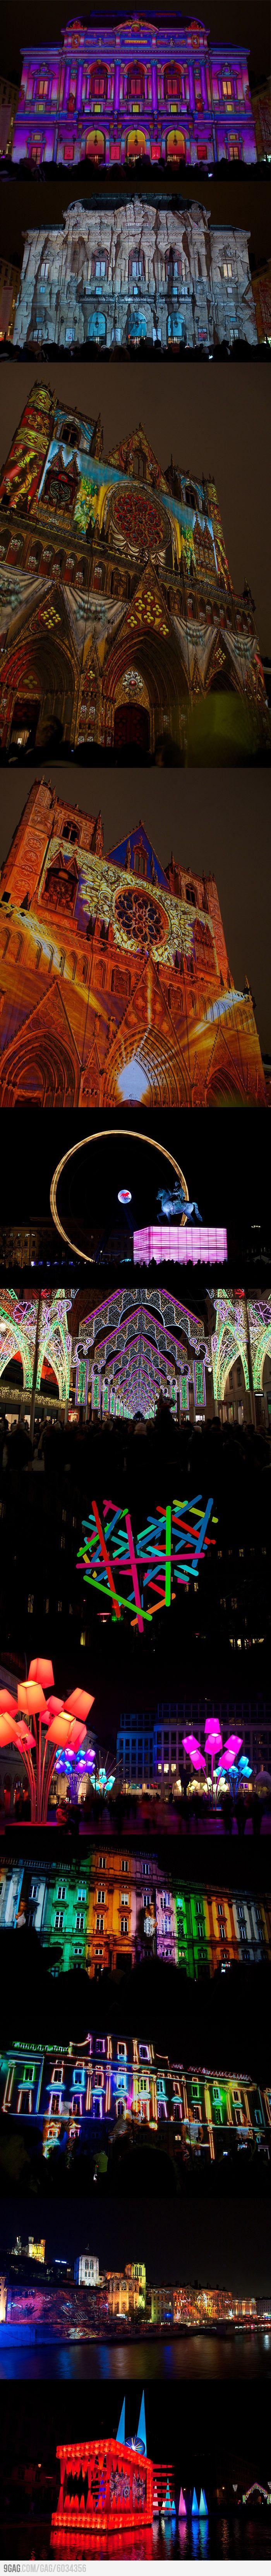 Festival of Lights 2012 in Lyon, France